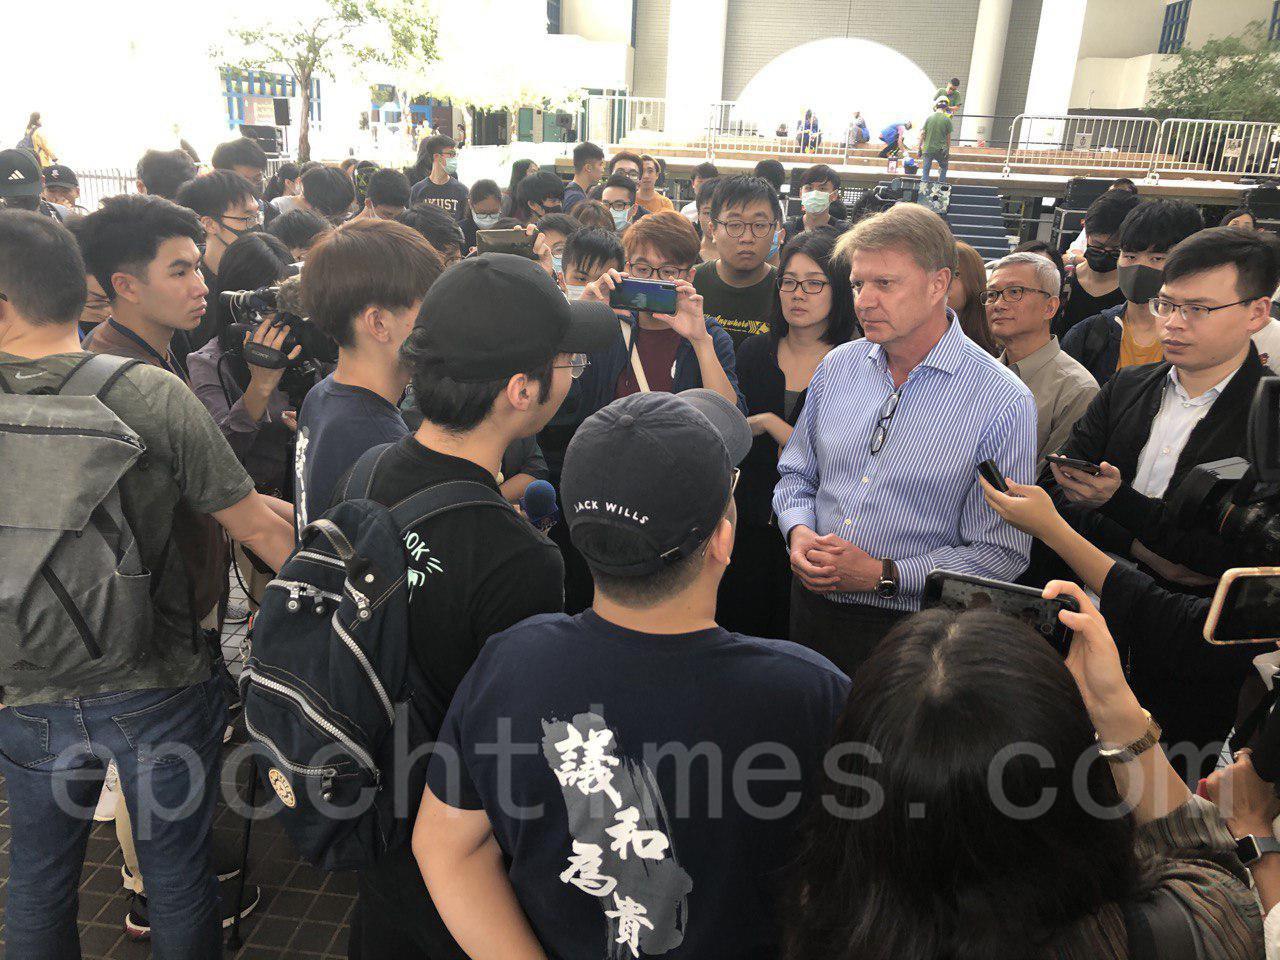 11月1日科大學生集會,要求校方落實學生校董符佩瑩的委任。副校長賀致信到場會學生見面。(余天佑/大紀元)